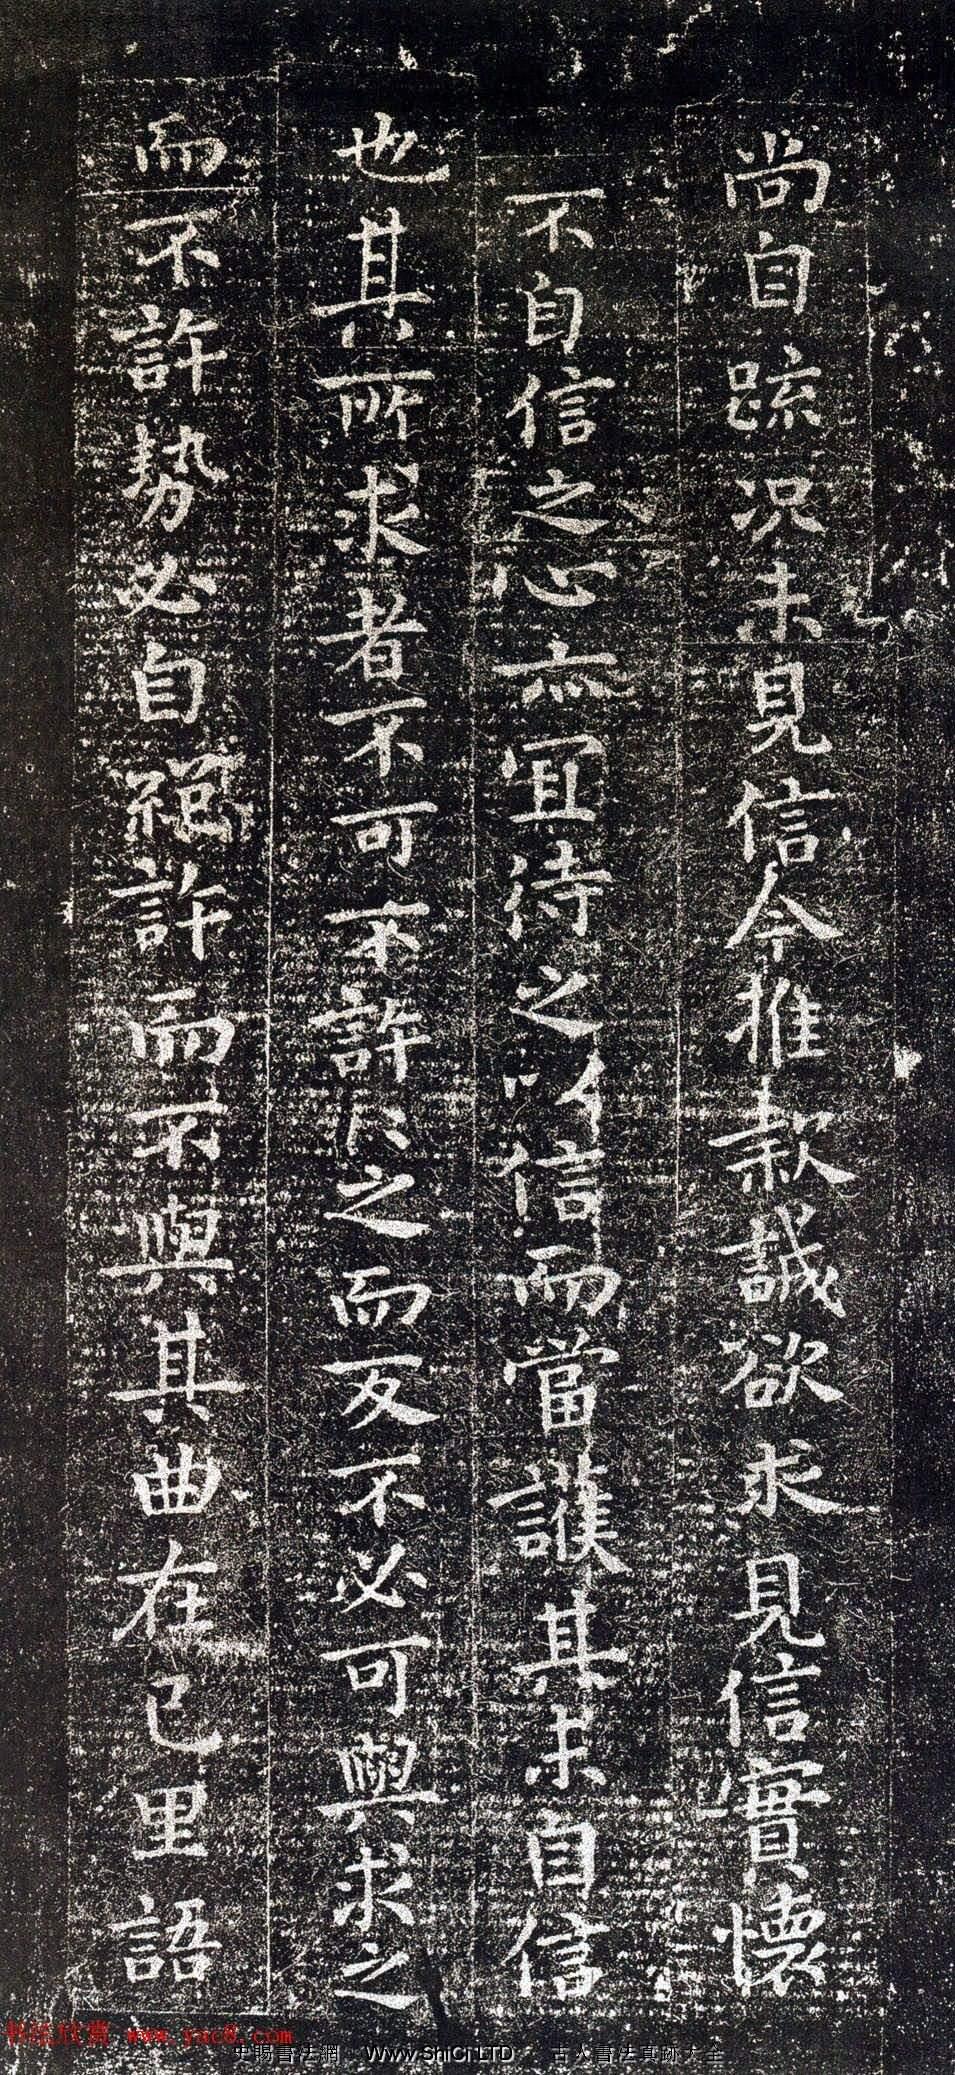 鍾繇書法碑刻《宣示表》